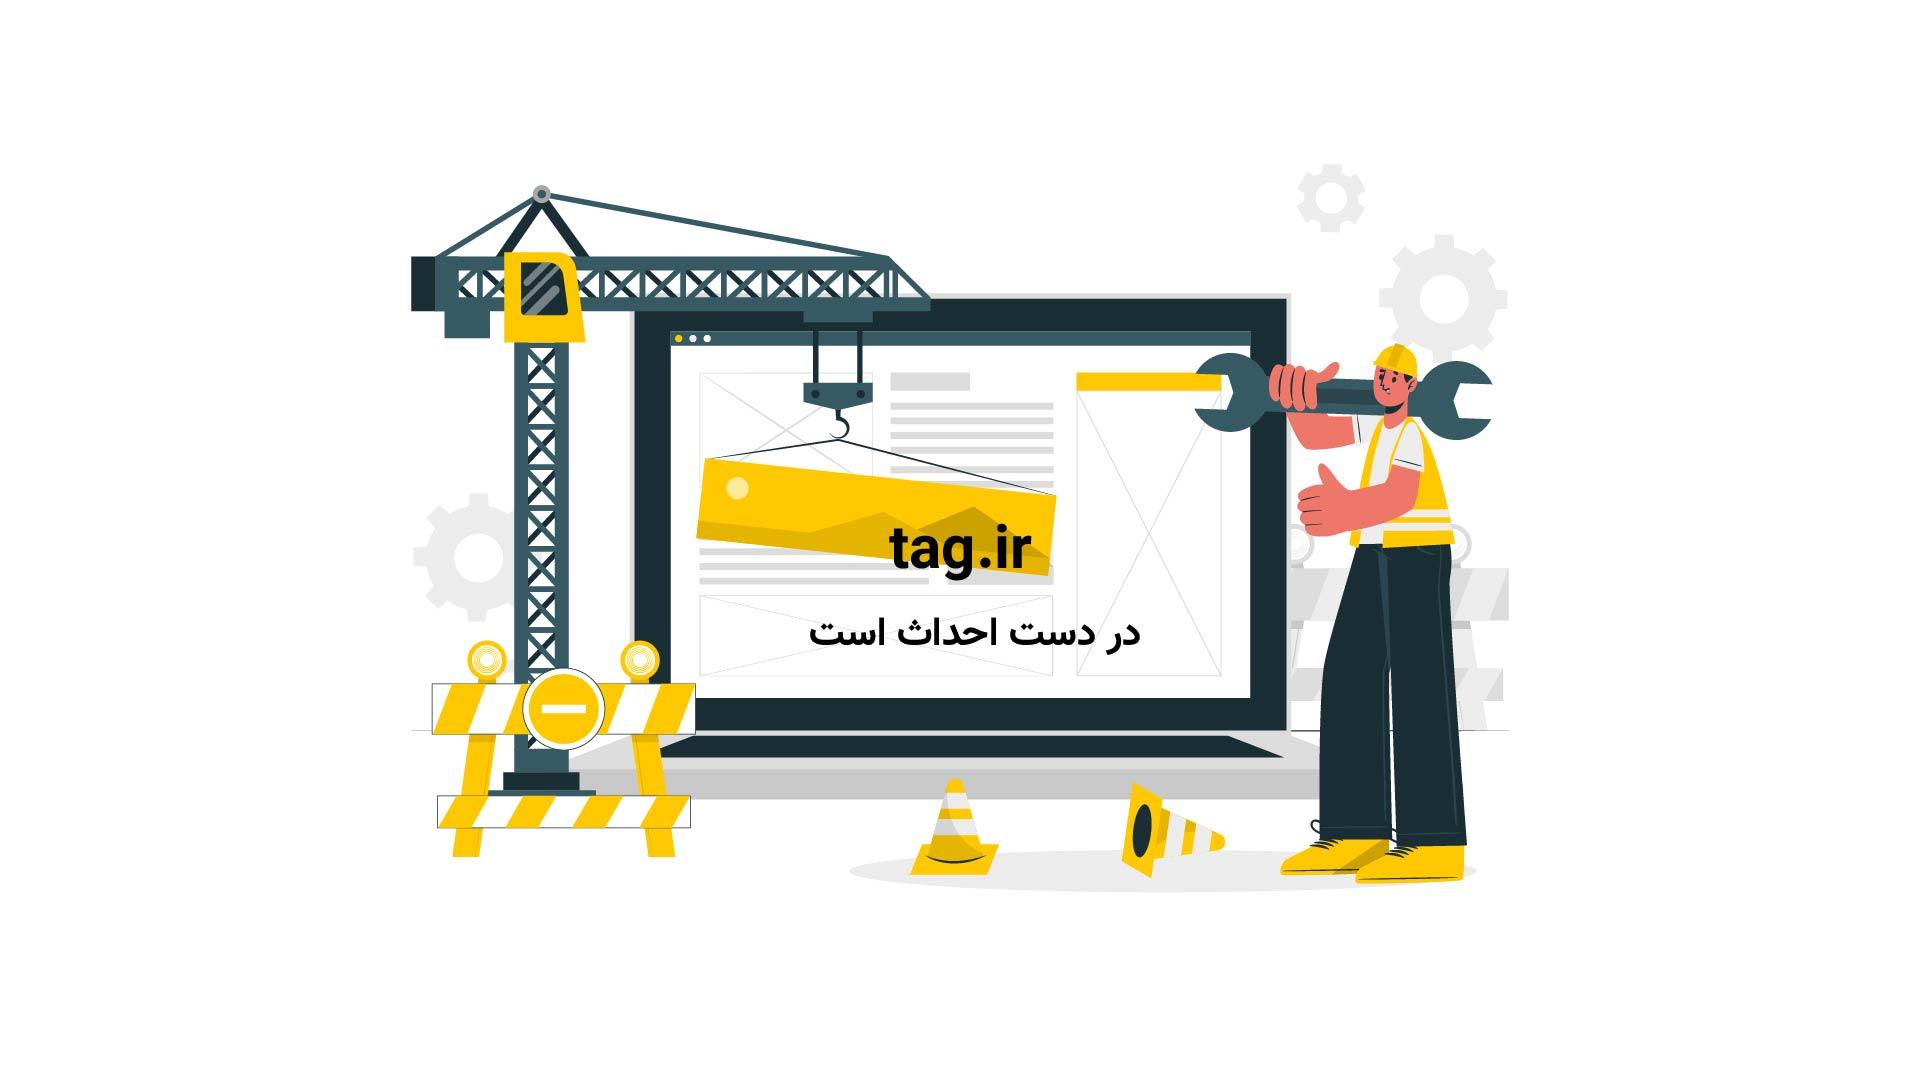 سرمای شدید در اروپا جان ۷۳ نفر را گرفت | فیلم